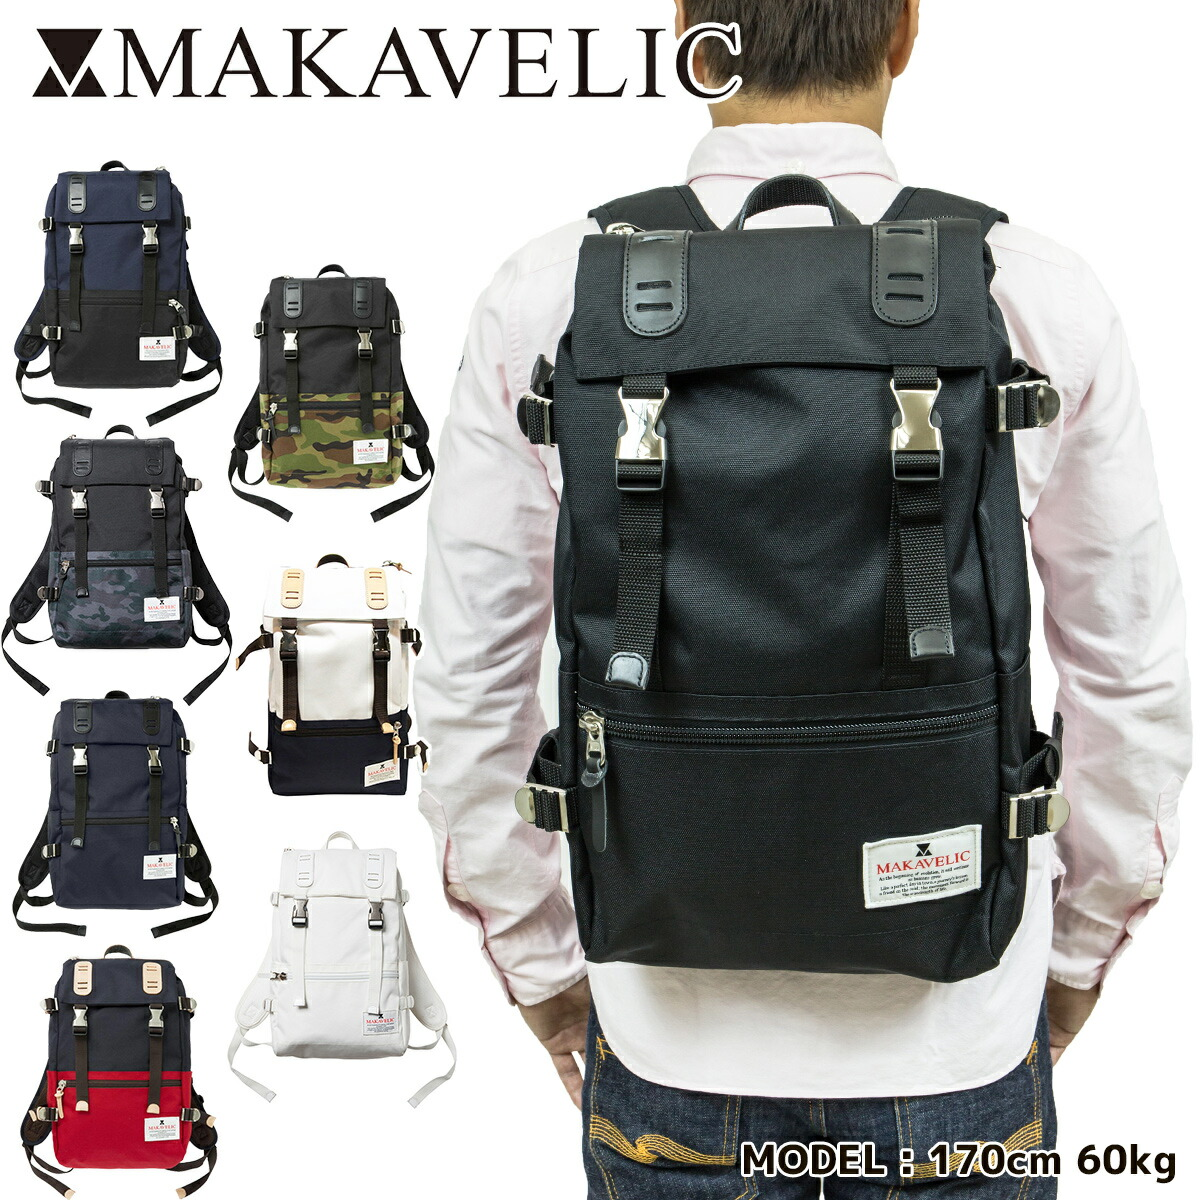 MAKAVELIC / マキャベリック / リュック / デイパック / Double Belt Day Pack Medium / ダブルベルト デイパック ミディアム / 3105-10103 / メイン